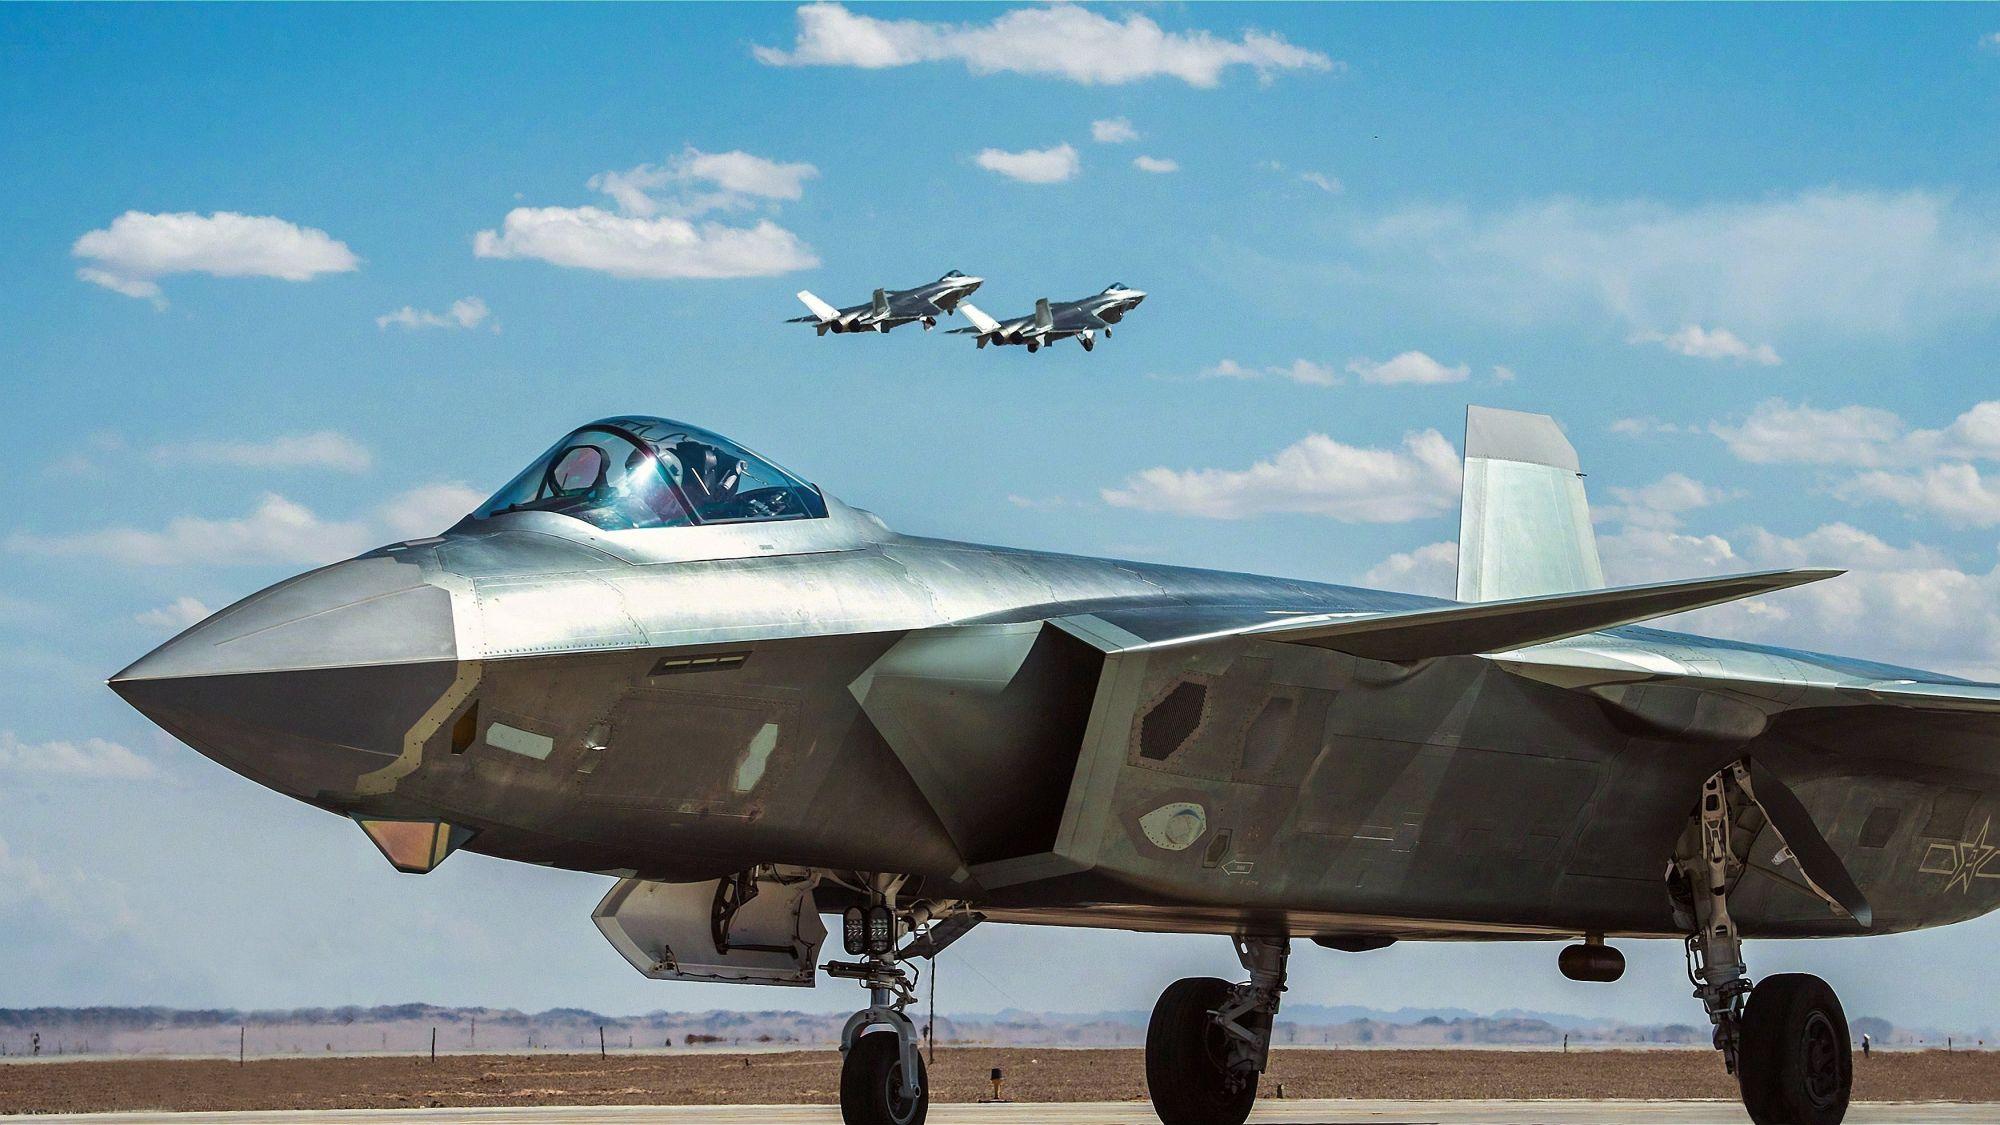 歼-20到底算不算五代机?美国专家给出答案,否认了此前说法